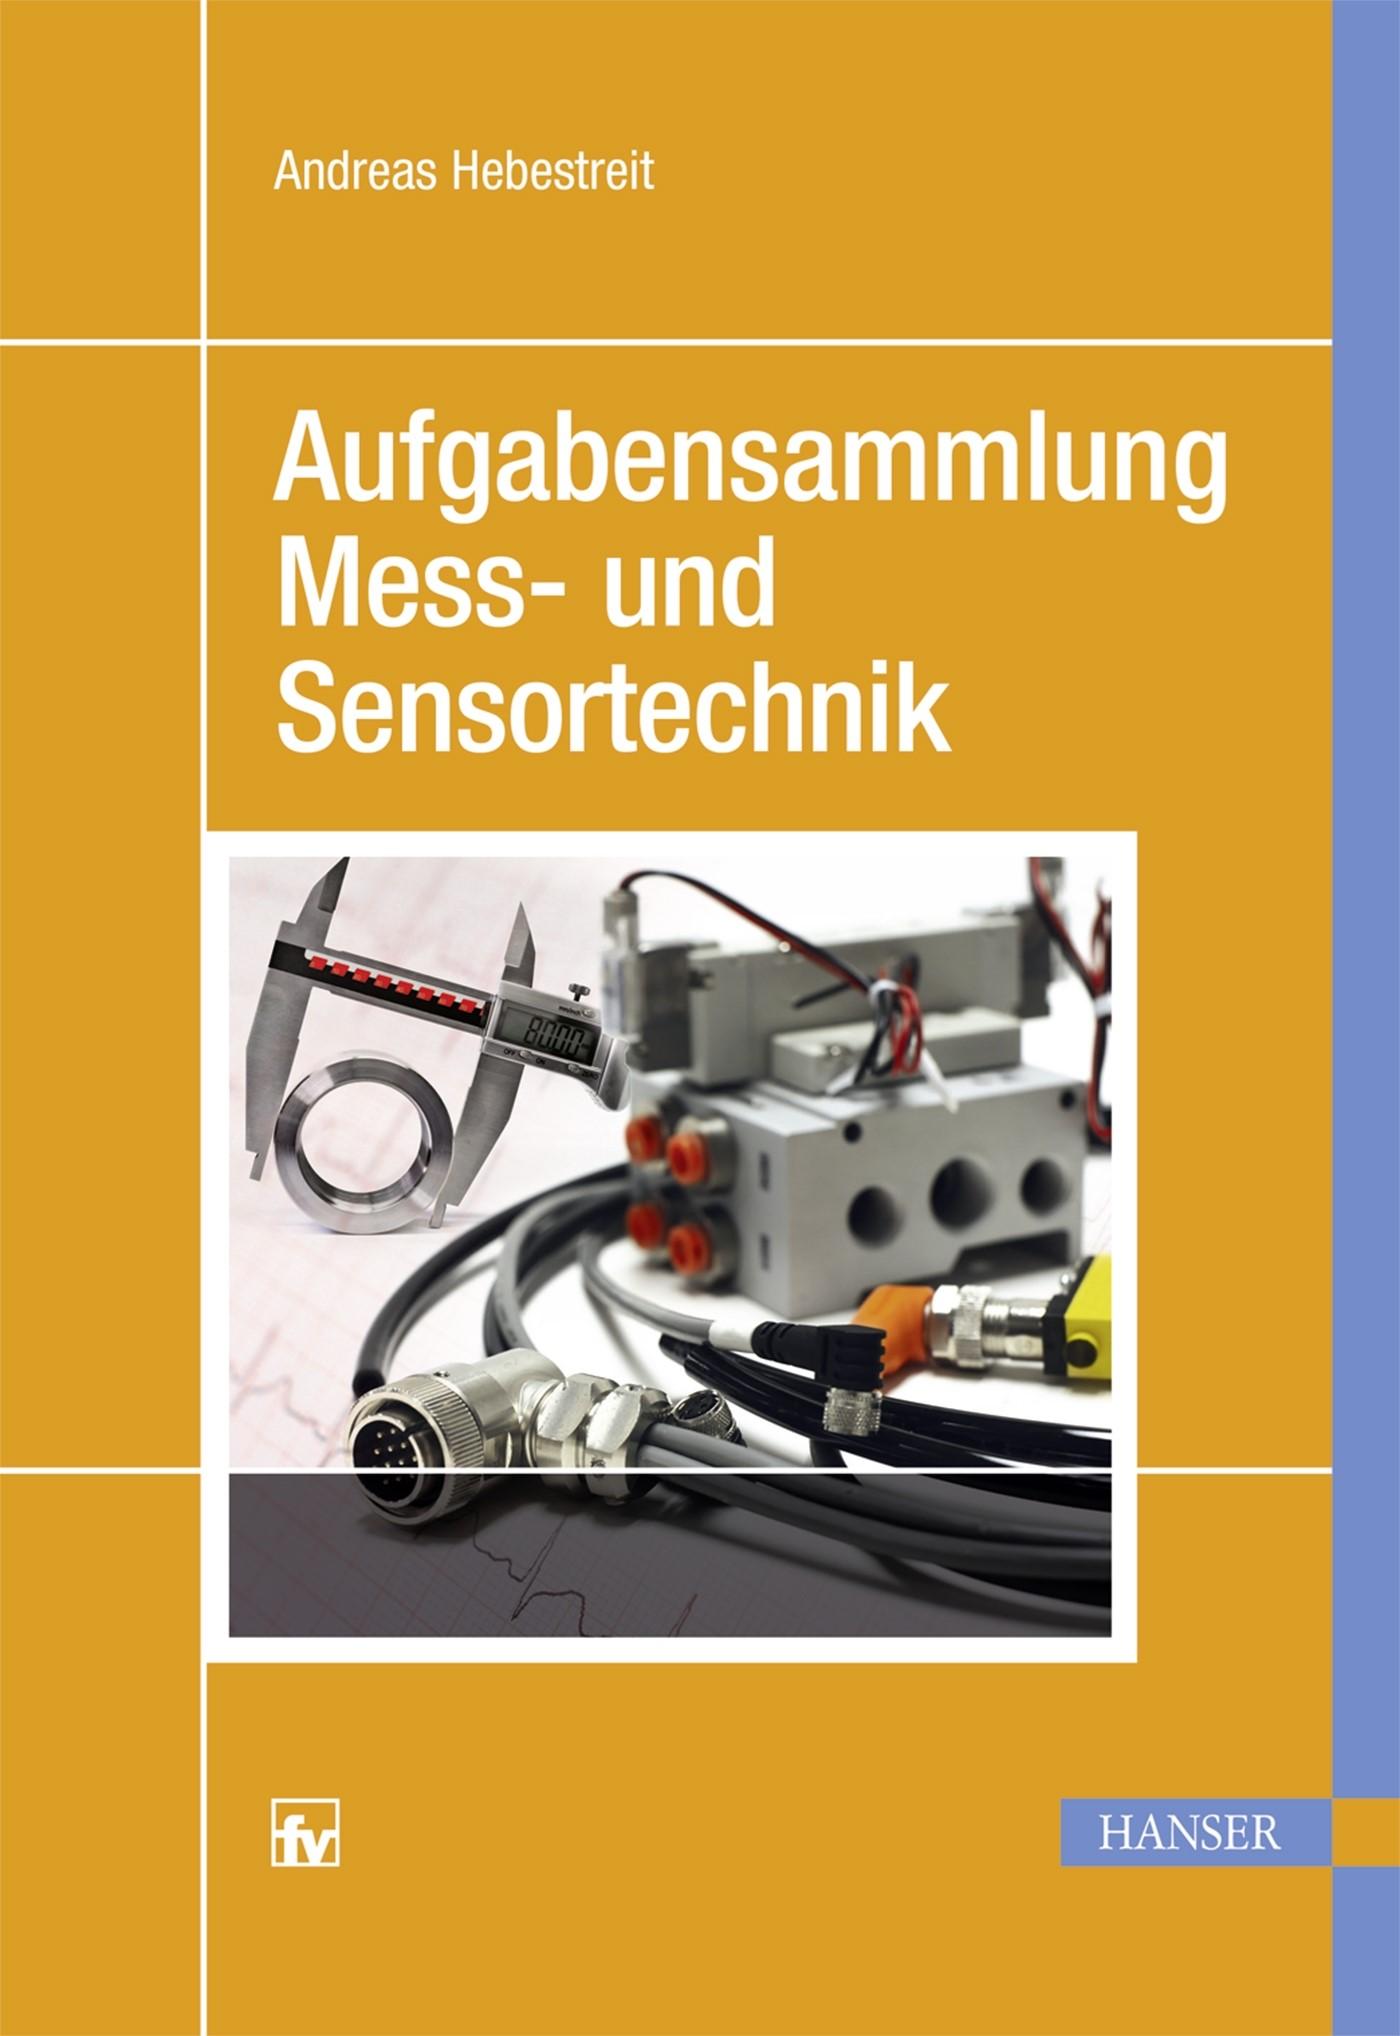 Abbildung von Hebestreit | Aufgabensammlung Mess- und Sensortechnik | 2016